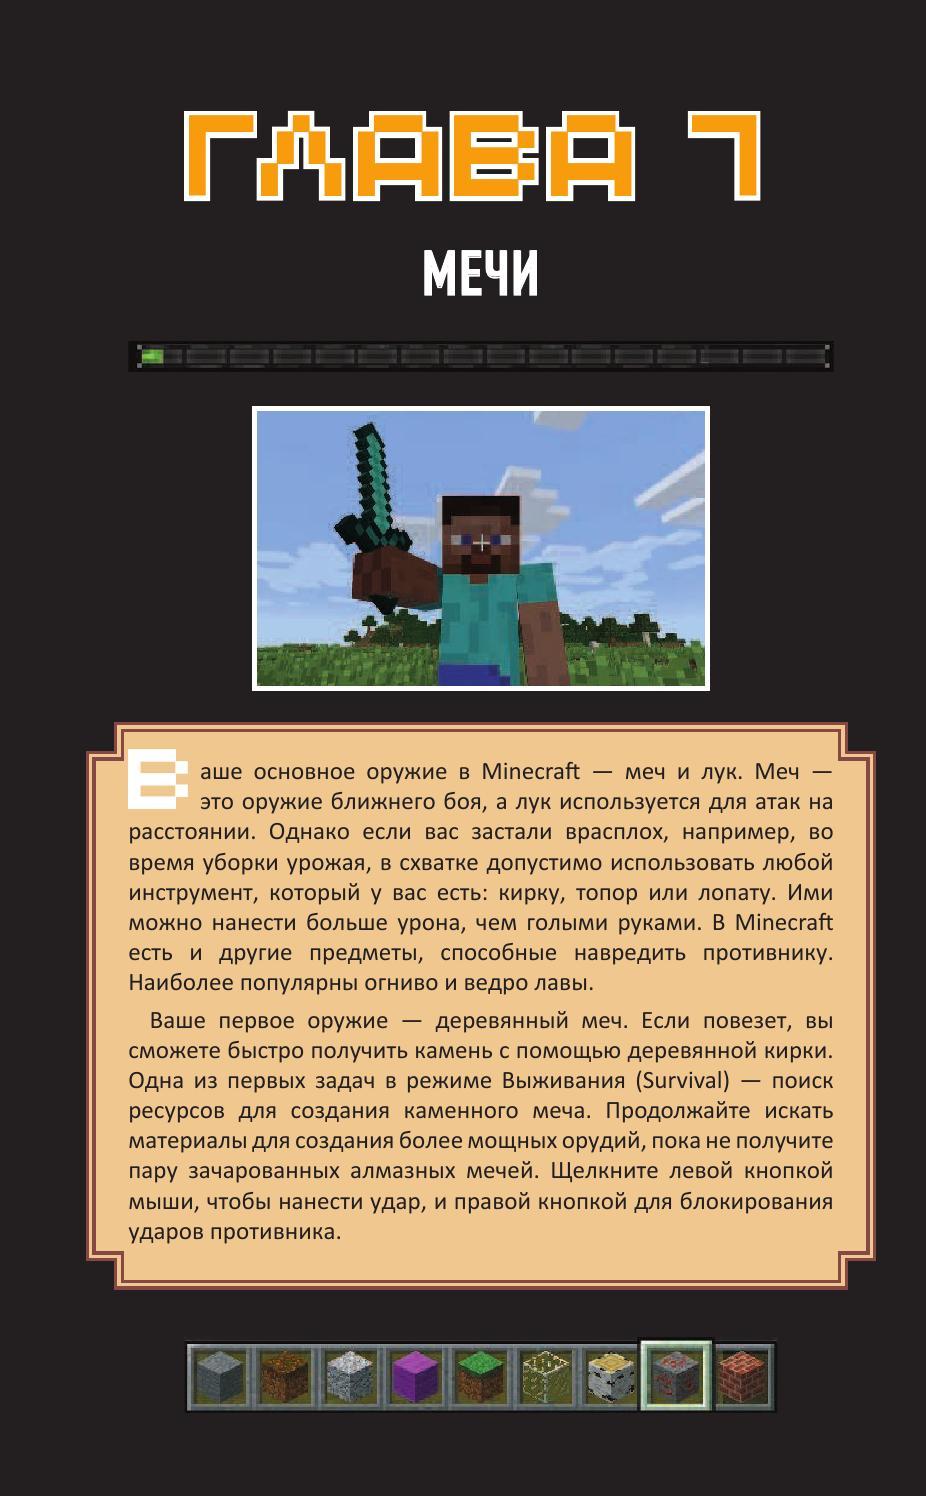 рассказ про майнкрафт читать на русском